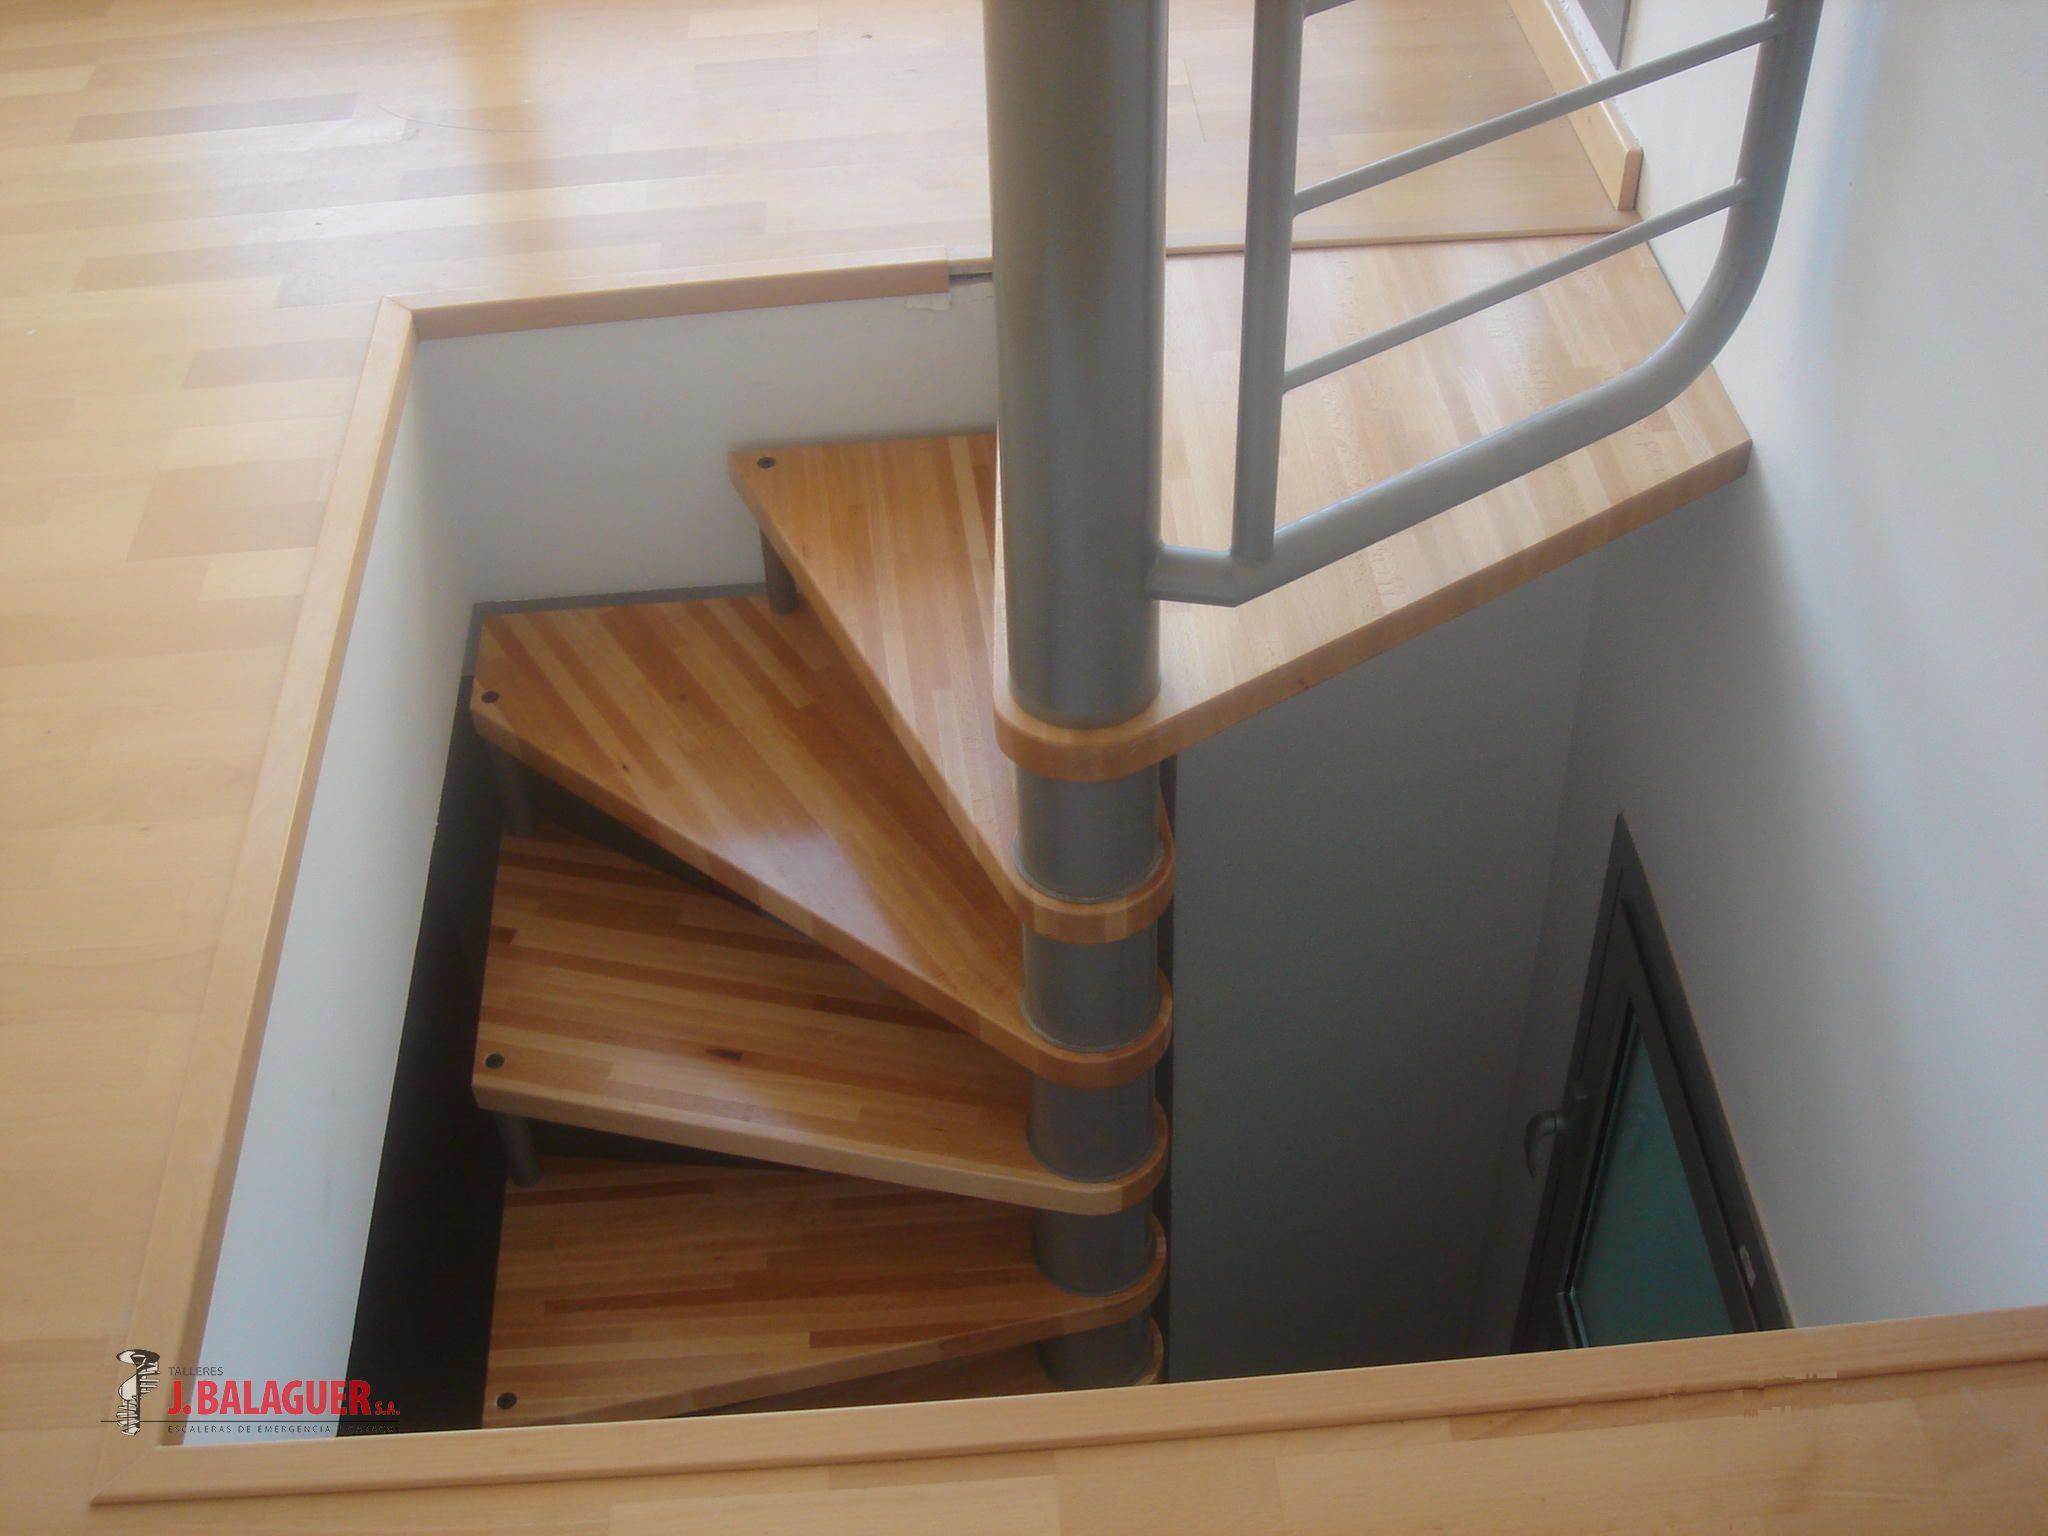 La escalera de caracol gallery of ejemplo escalera - Dimensiones escalera de caracol ...